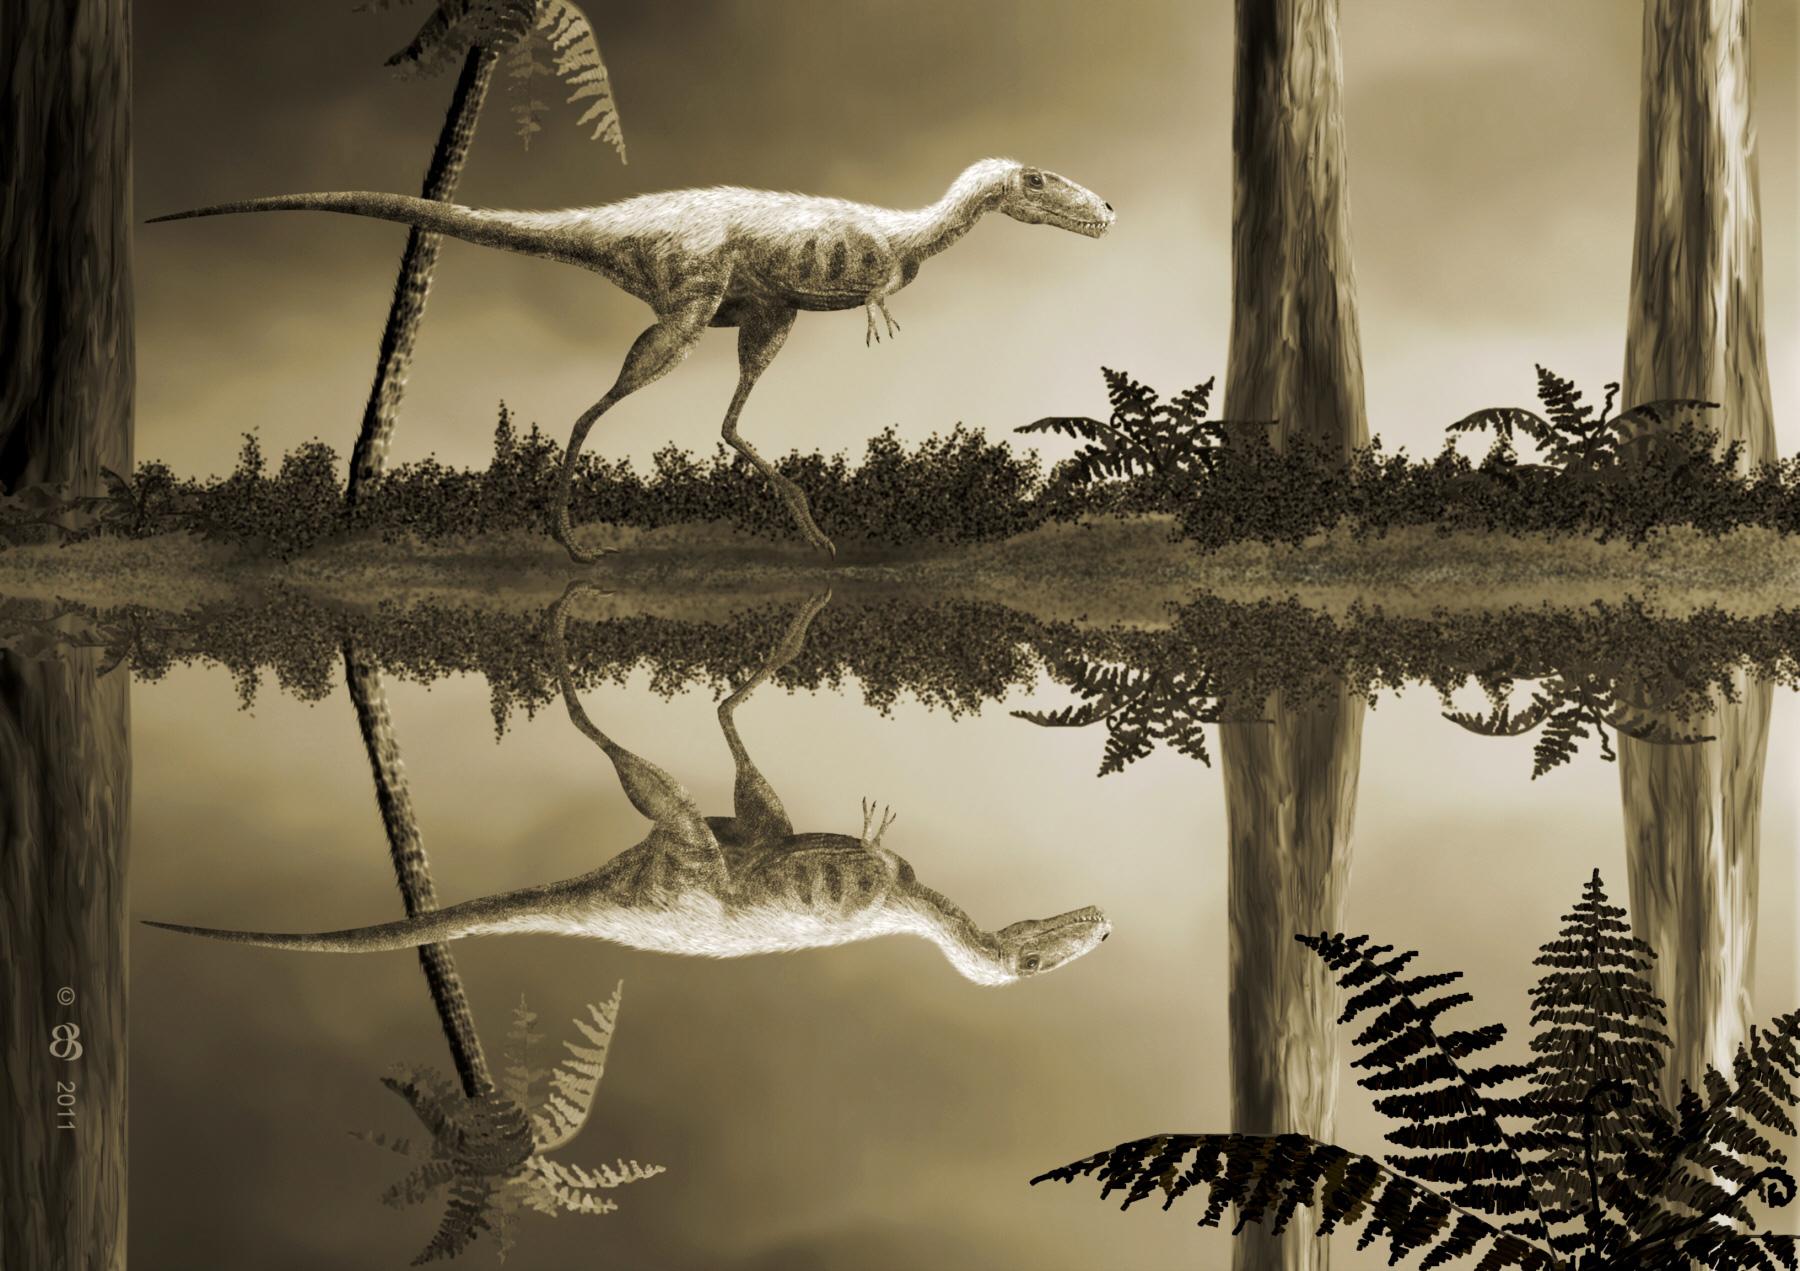 картинки динозавров рапторекс самая красивая женская